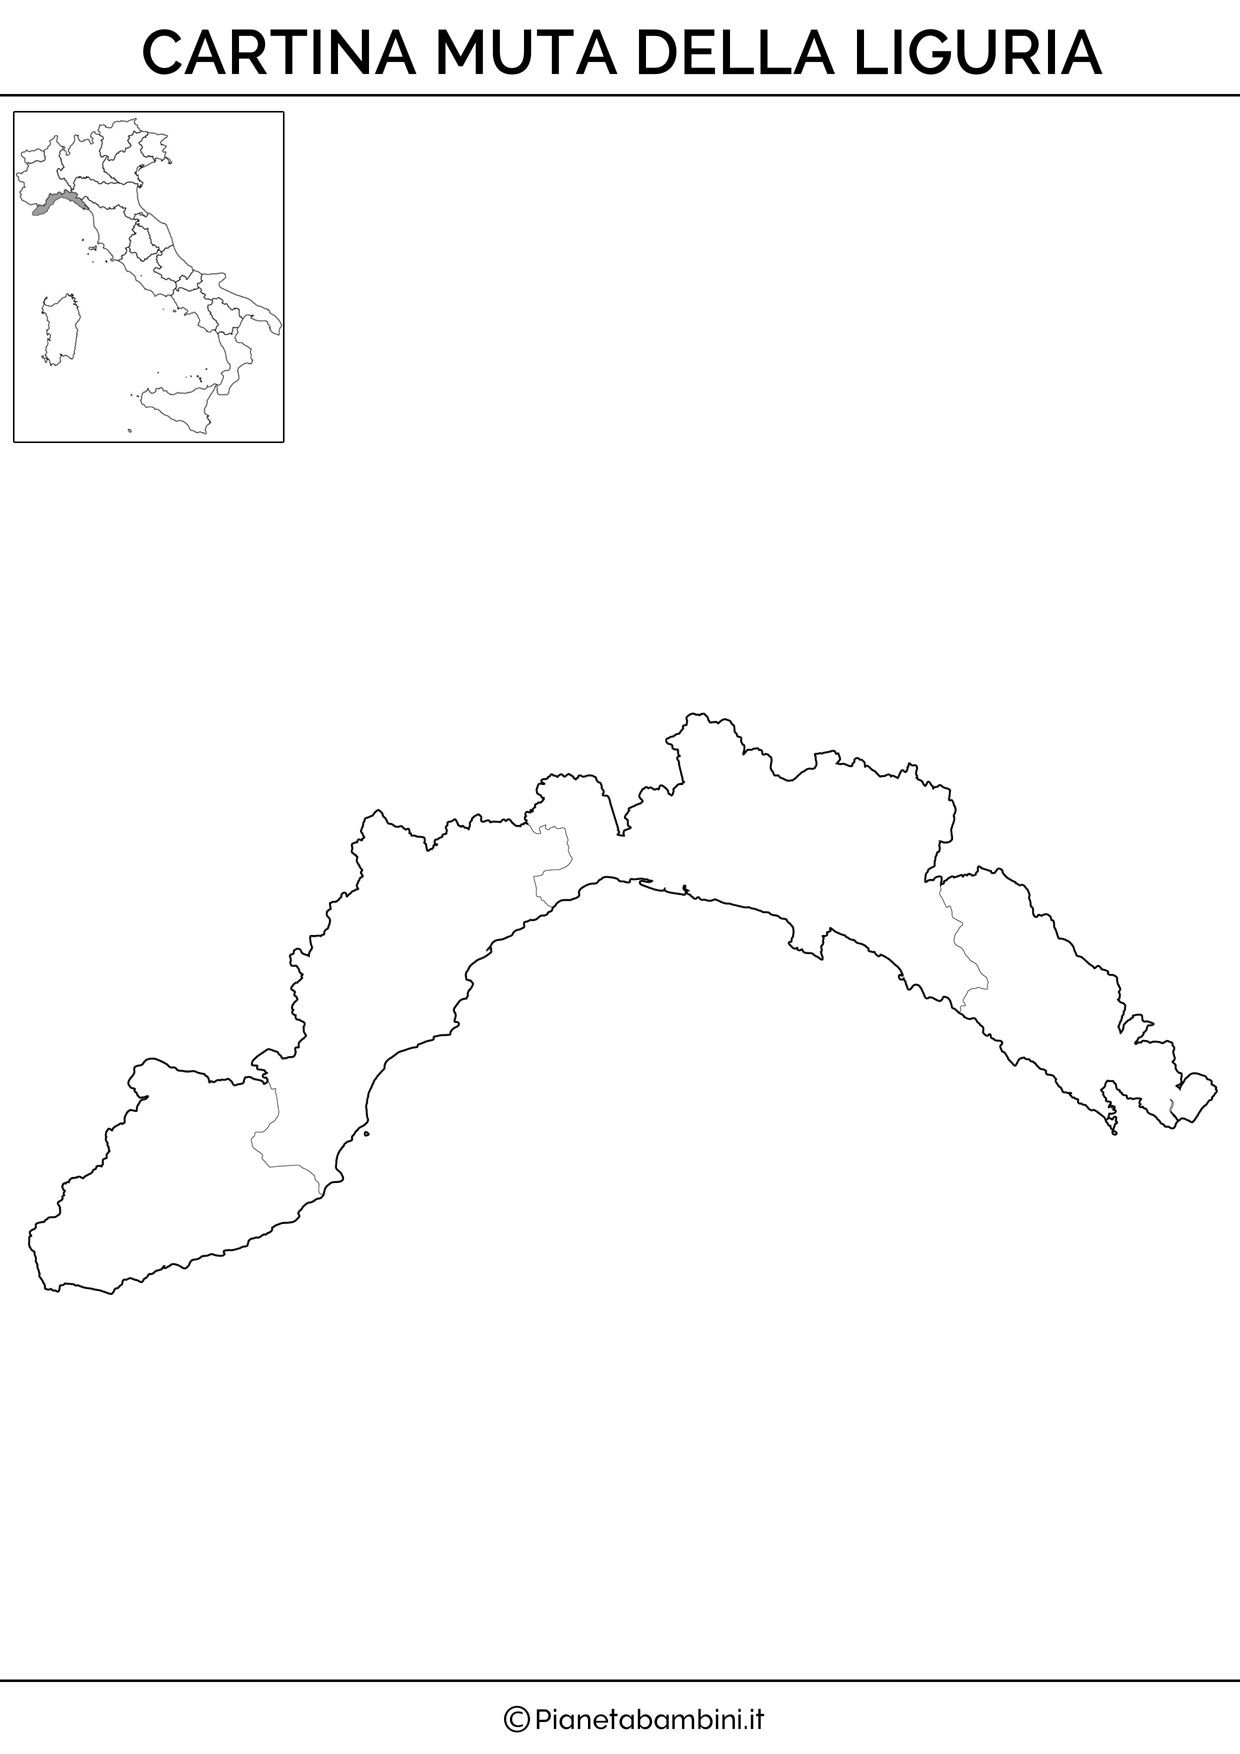 Cartina Muta Delle Regioni Ditalia.Cartina Muta Fisica E Politica Della Liguria Da Stampare Attivita Geografia Geografia Lezioni Di Scienze